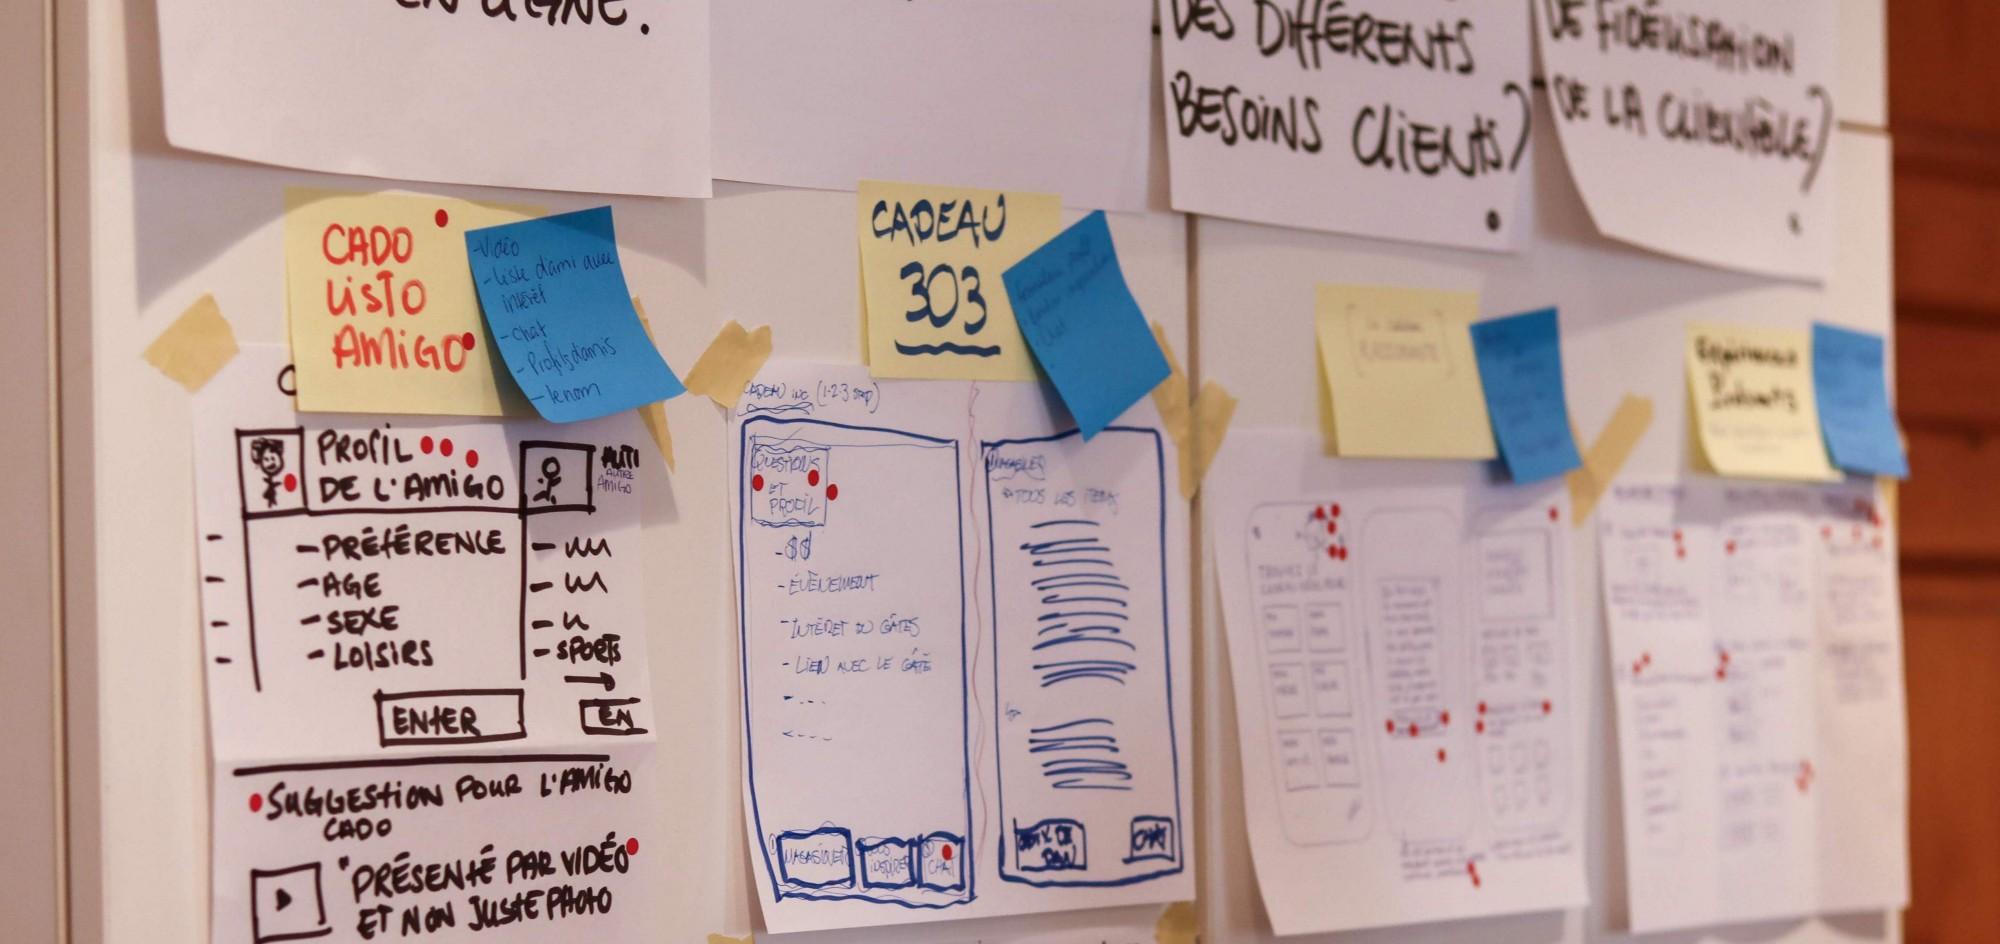 Photographie de plusieurs sketchs mis sur des papiers lors d'un design sprint